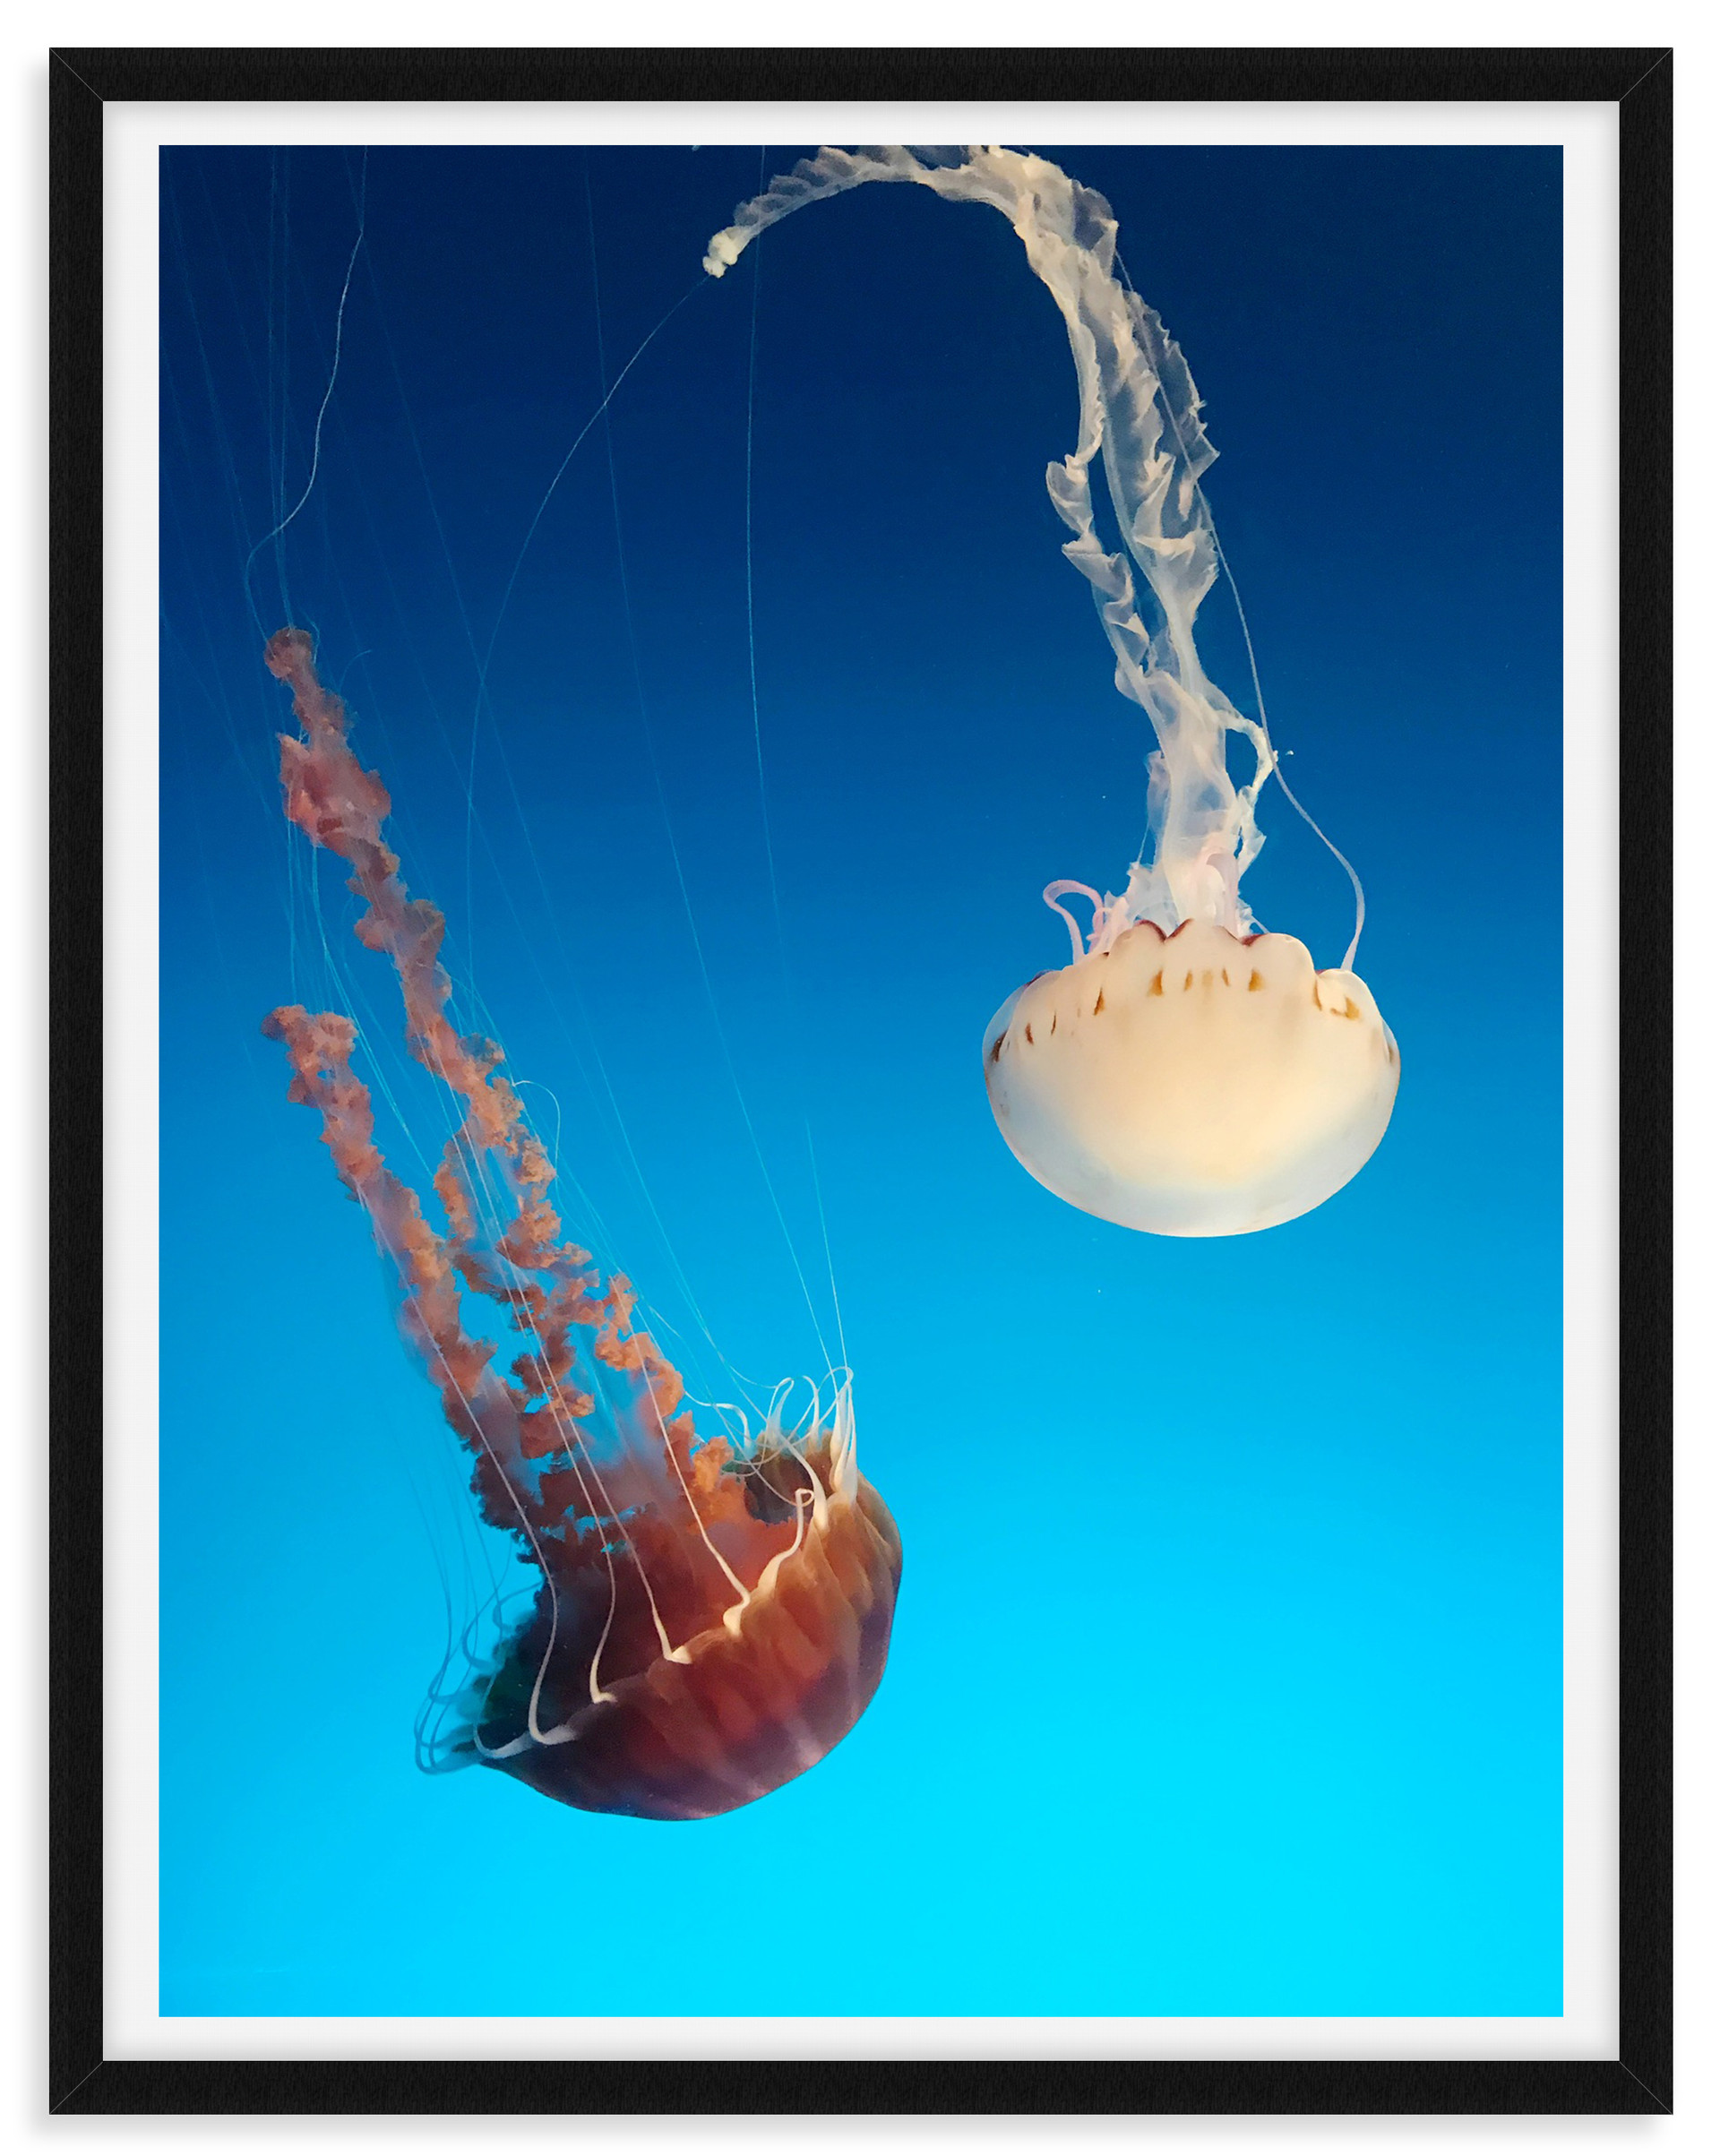 jellyfish underwater blue orange white w